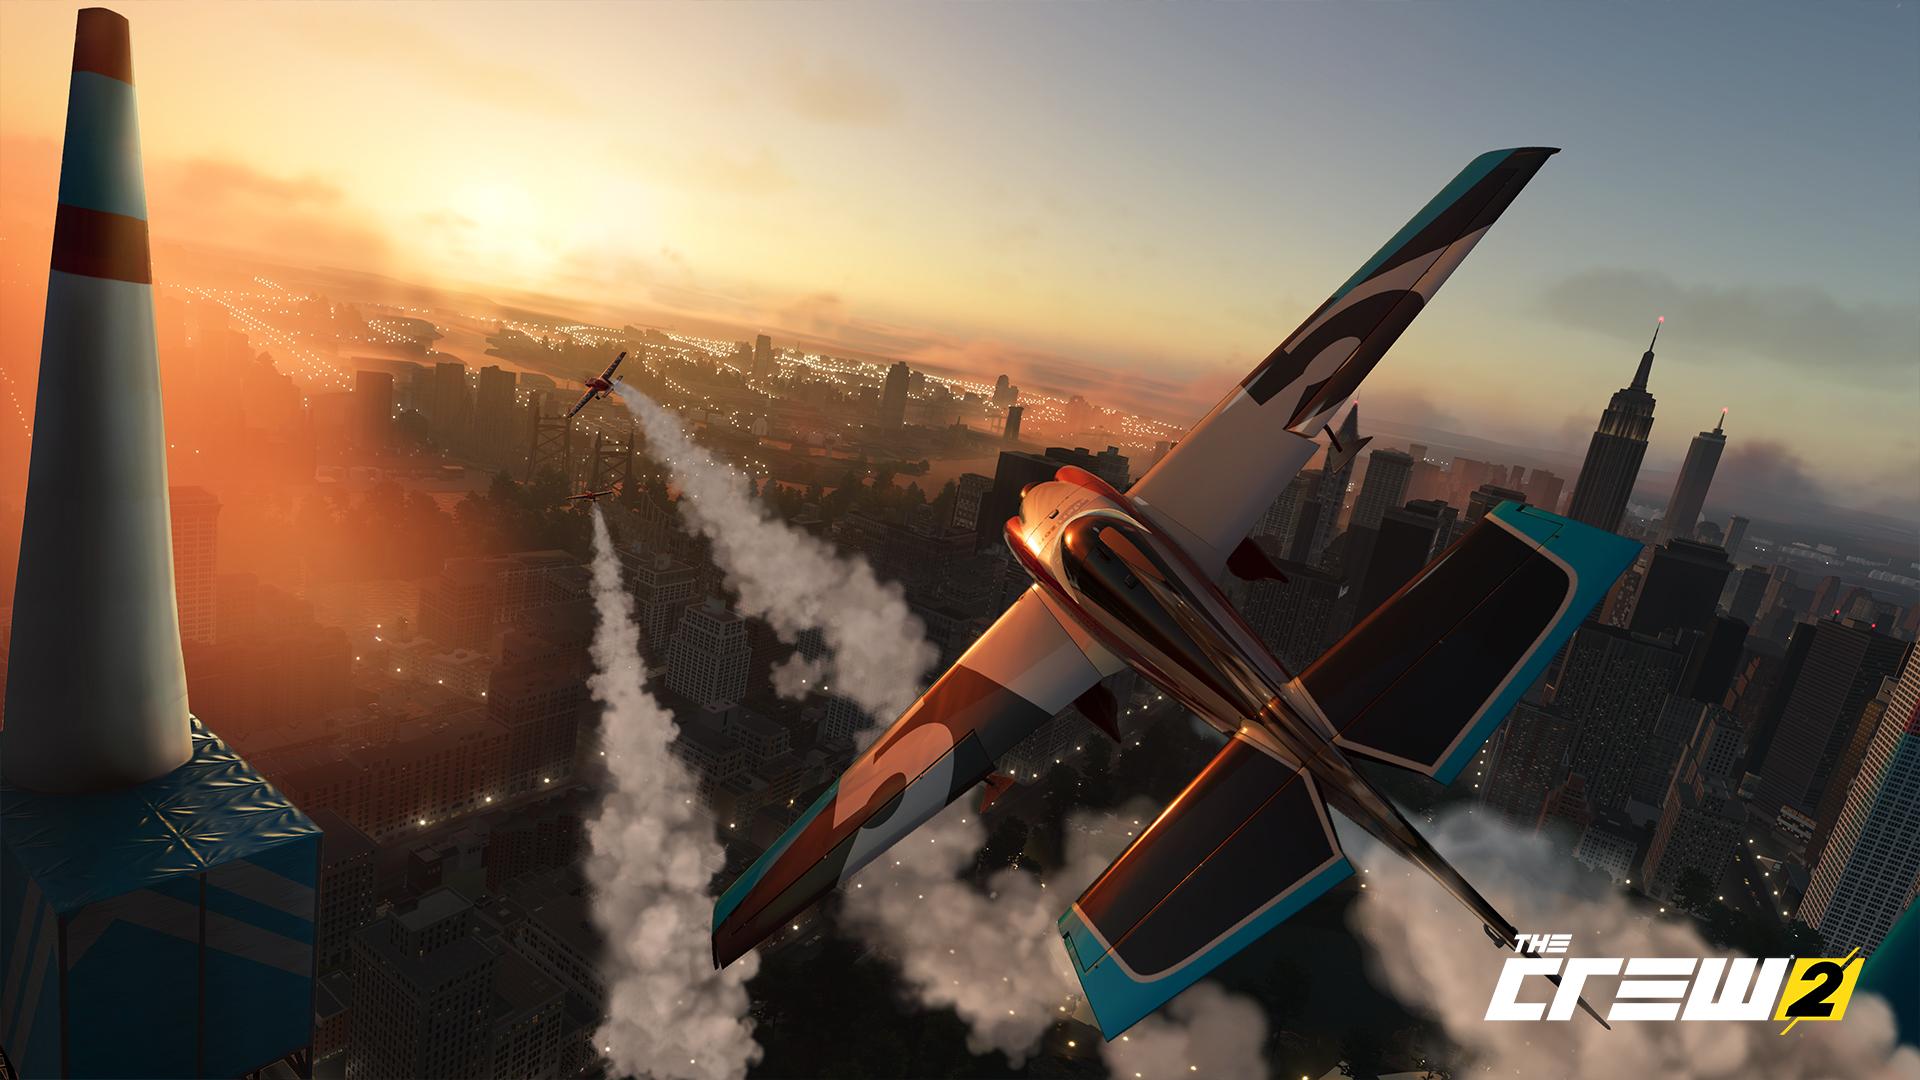 The Crew 2 plane racing